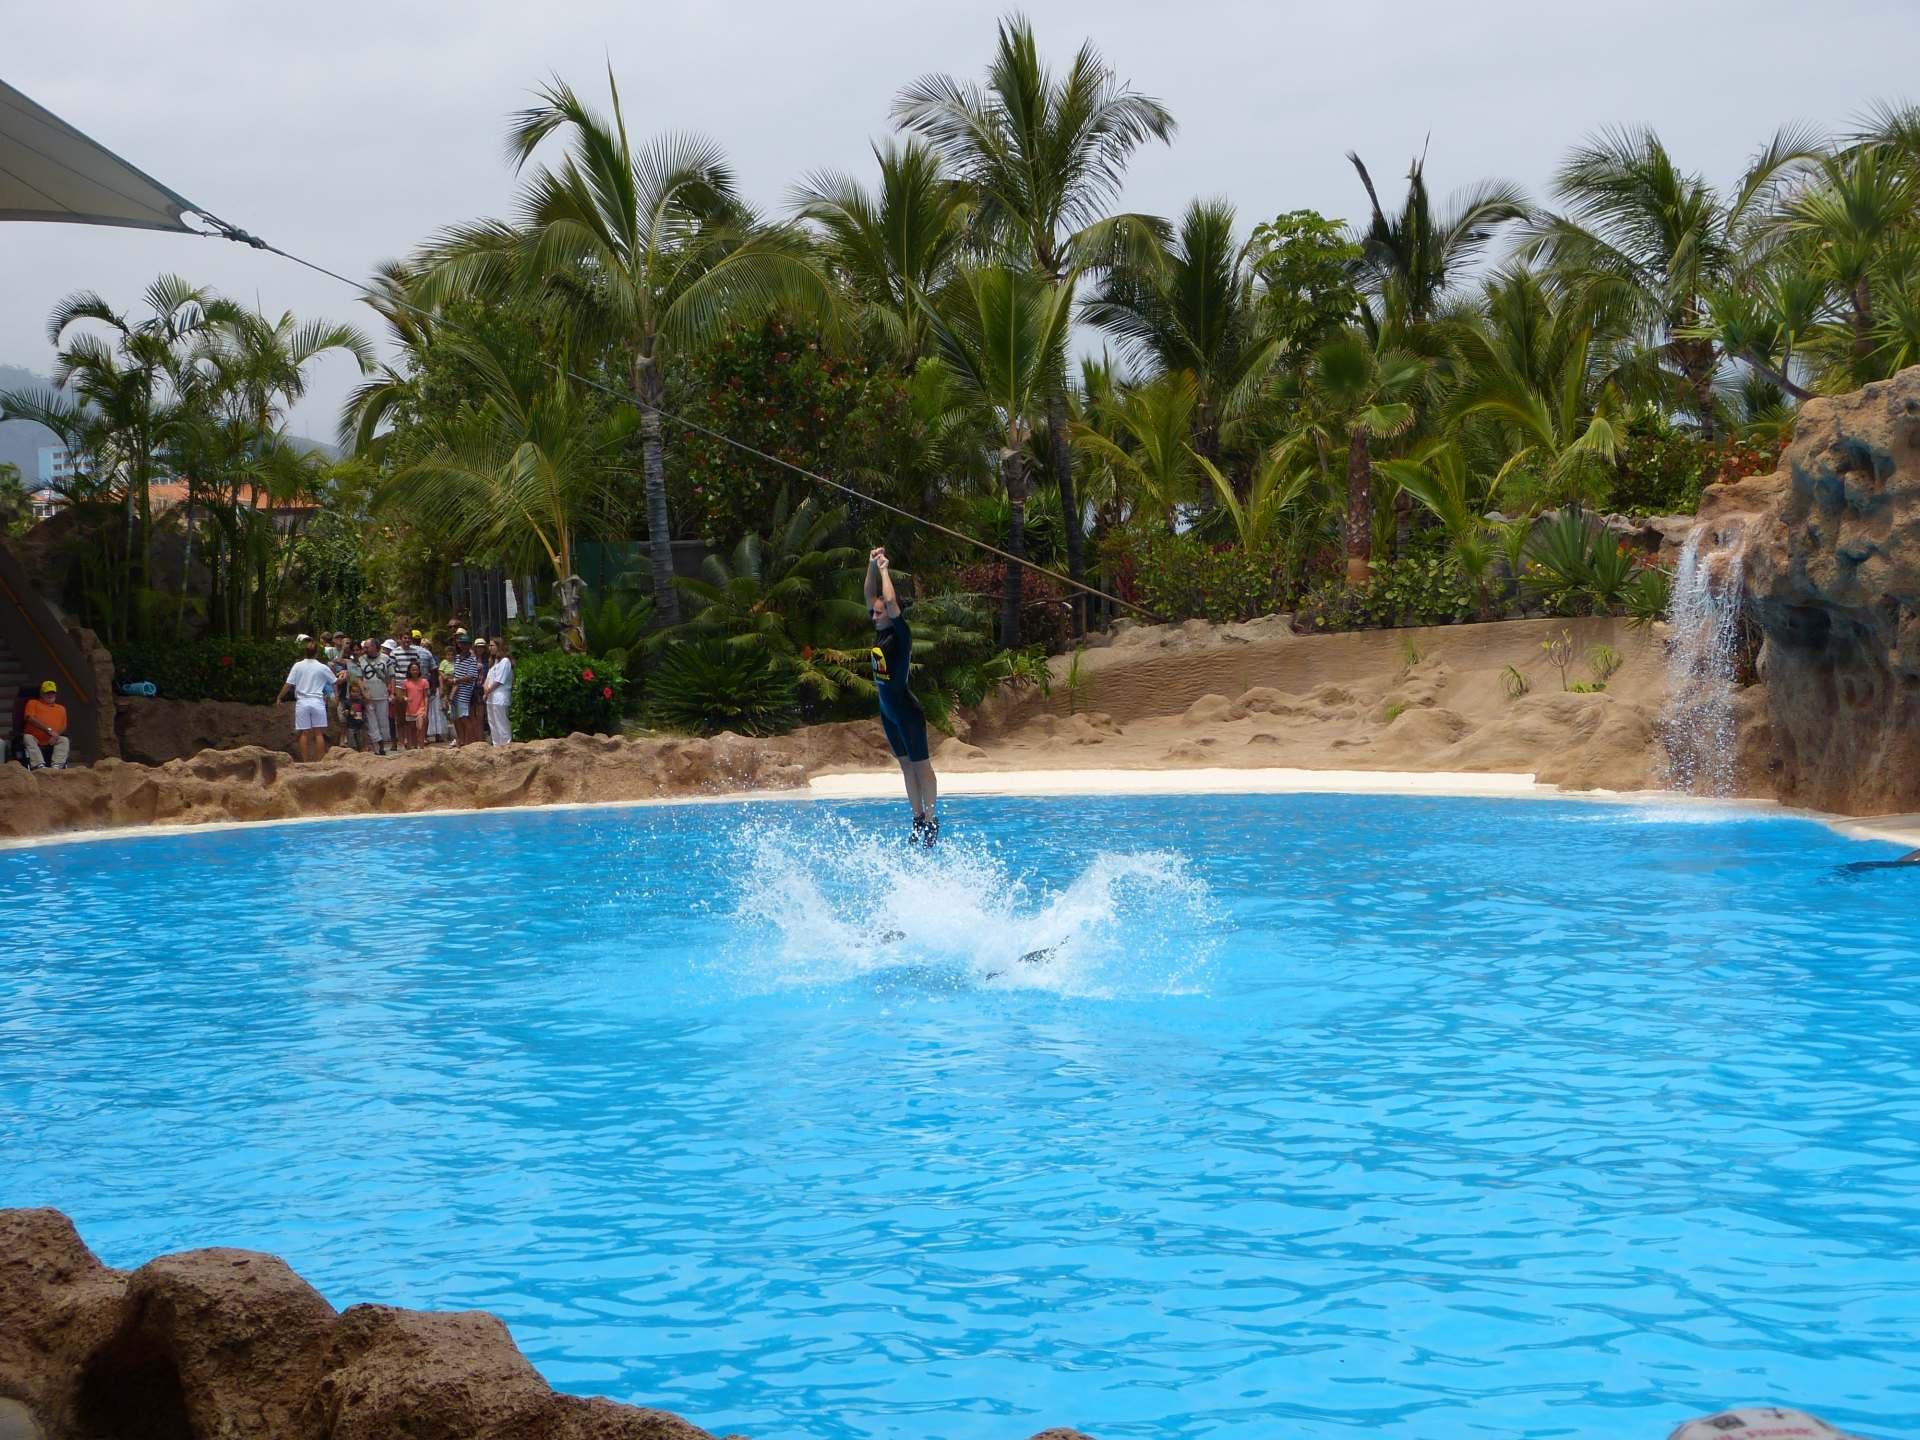 Action im Delphinbecken